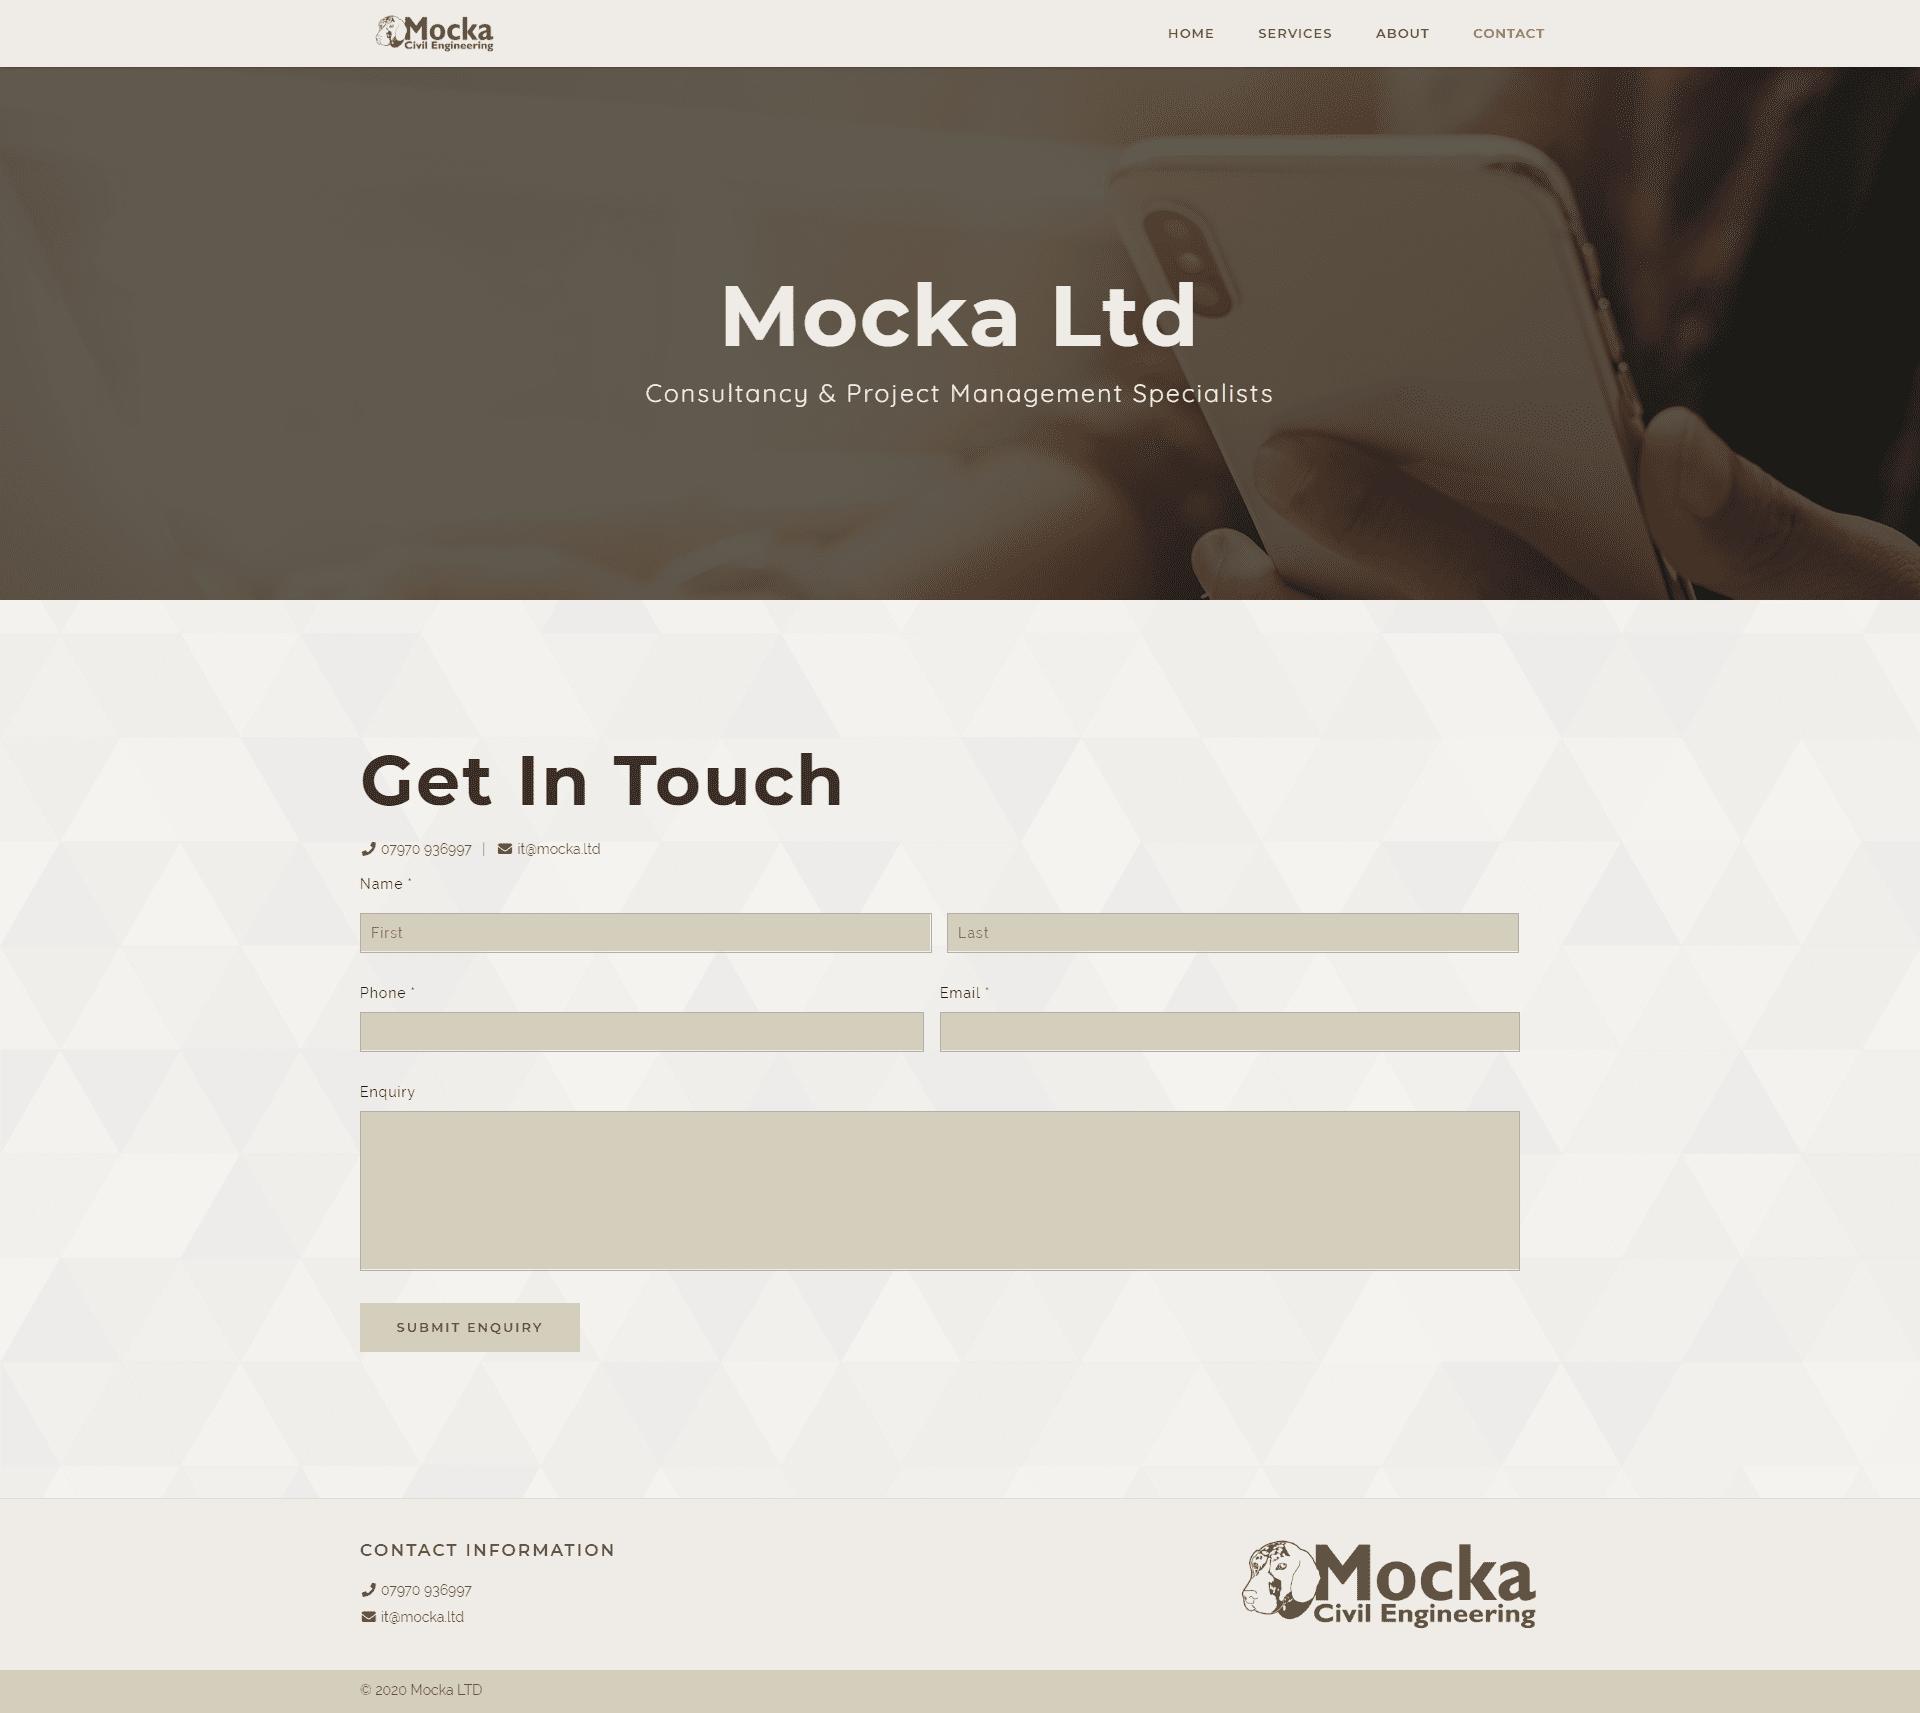 screencapture-mocka-ltd-contact-